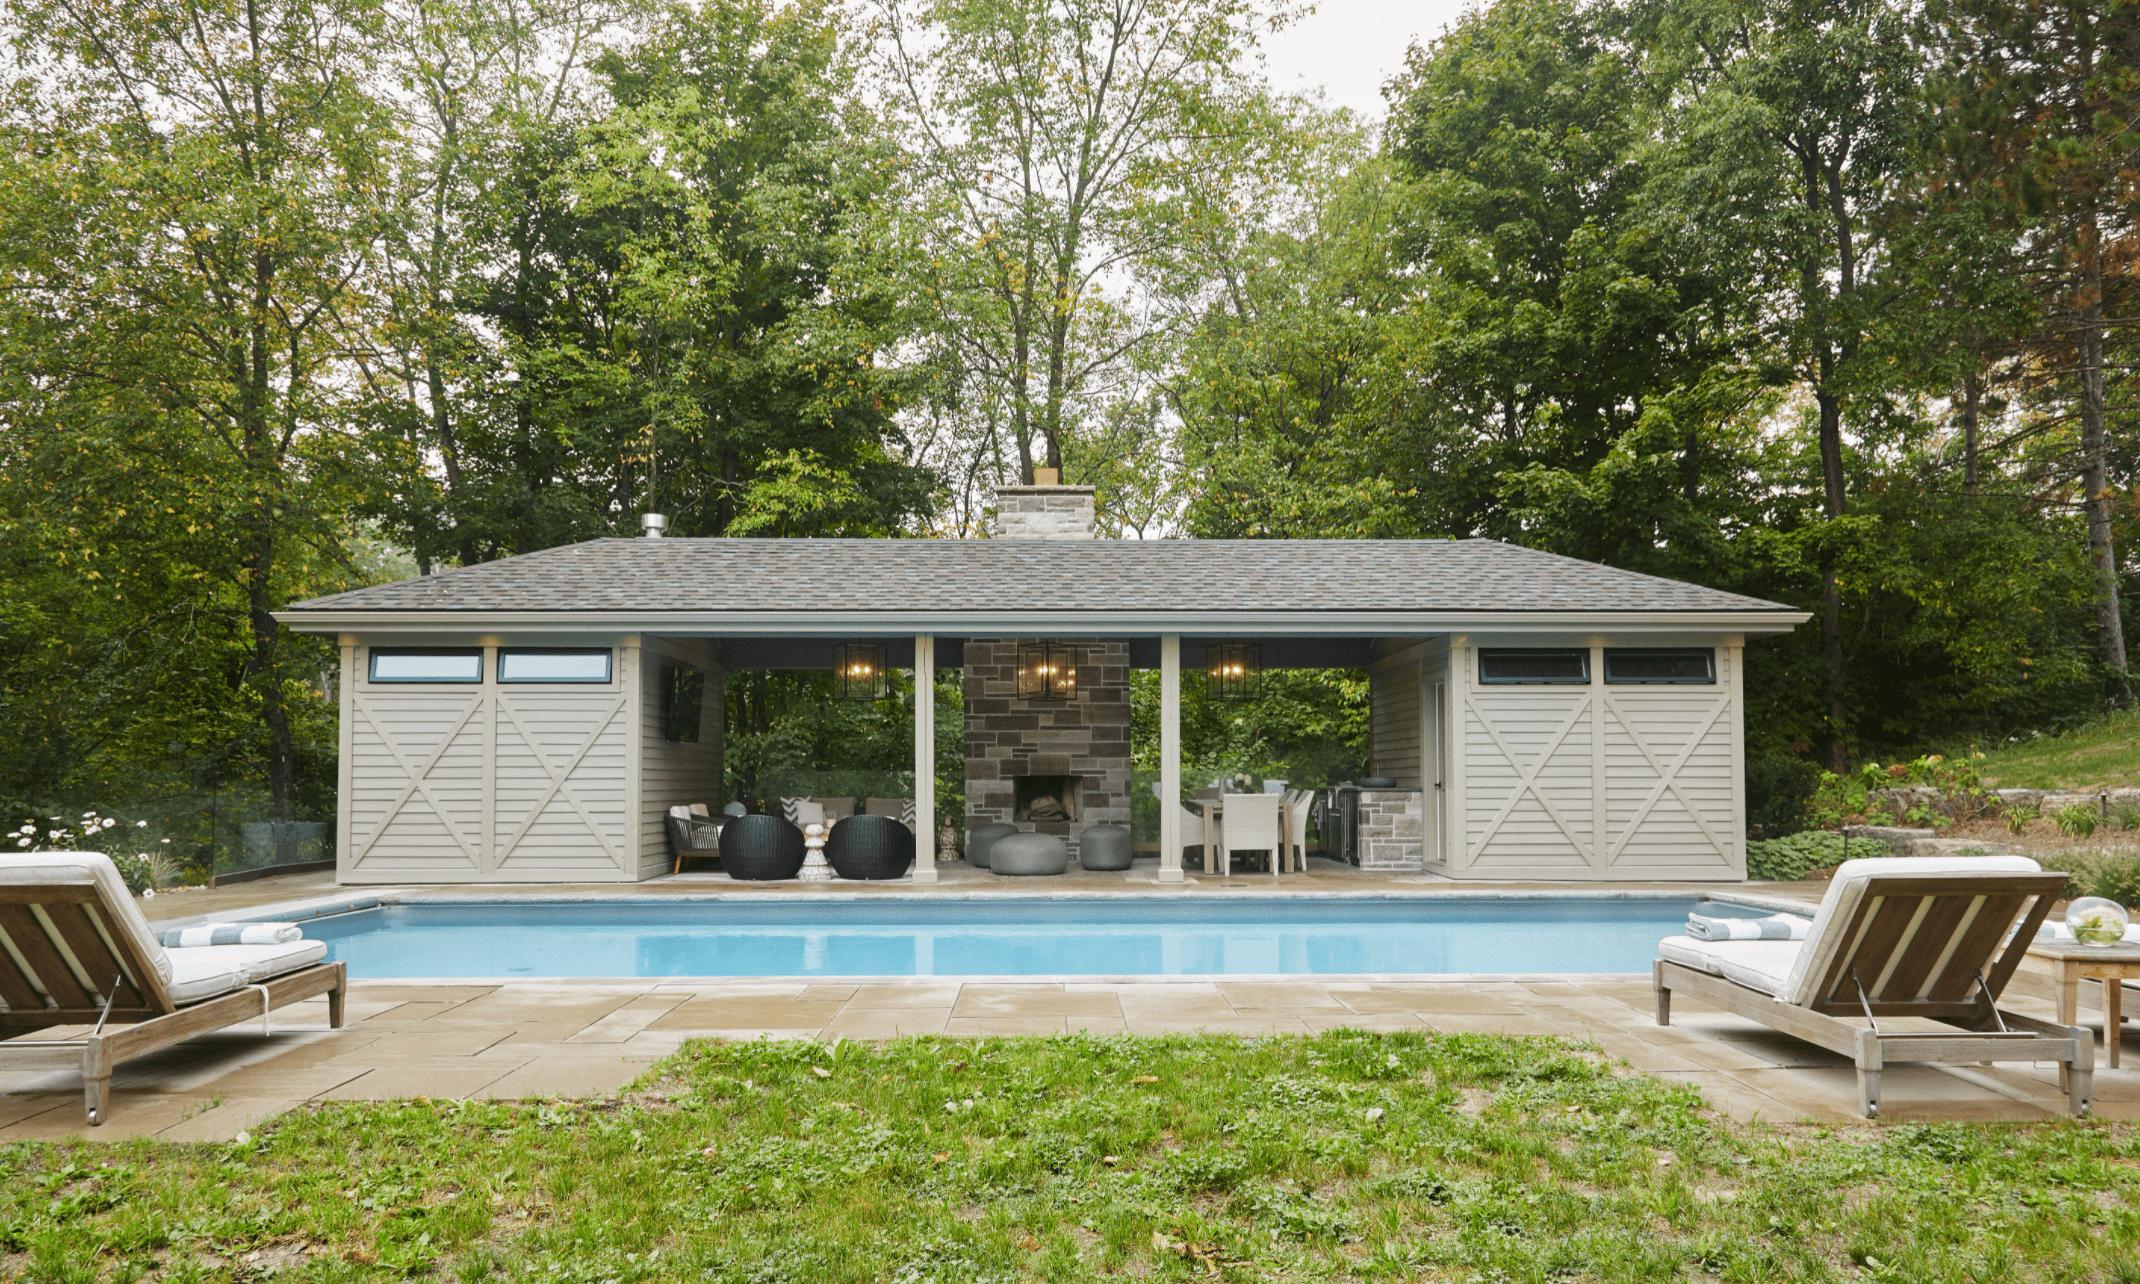 Pool house with living room setup